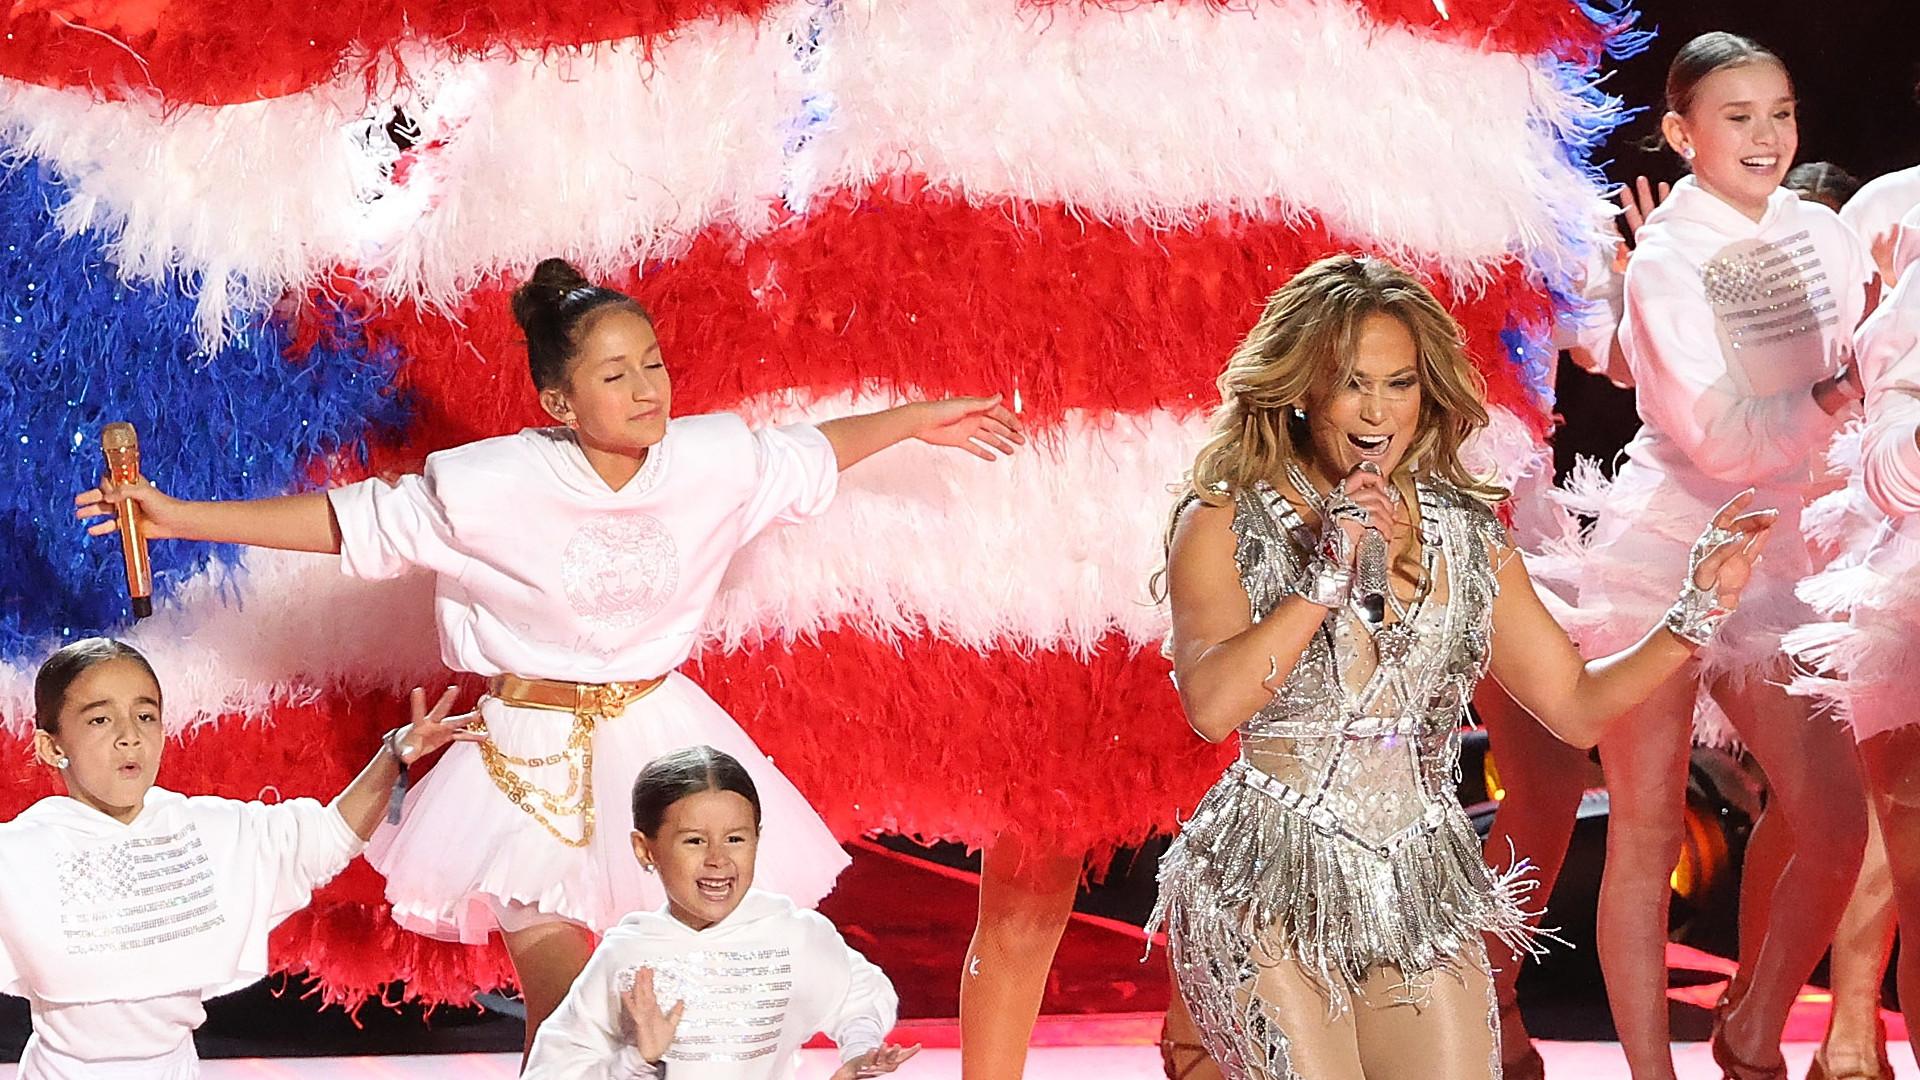 Córka Jennifer Lopez pójdzie w jej ślady? Na Super Bowl DAŁA CZADU!